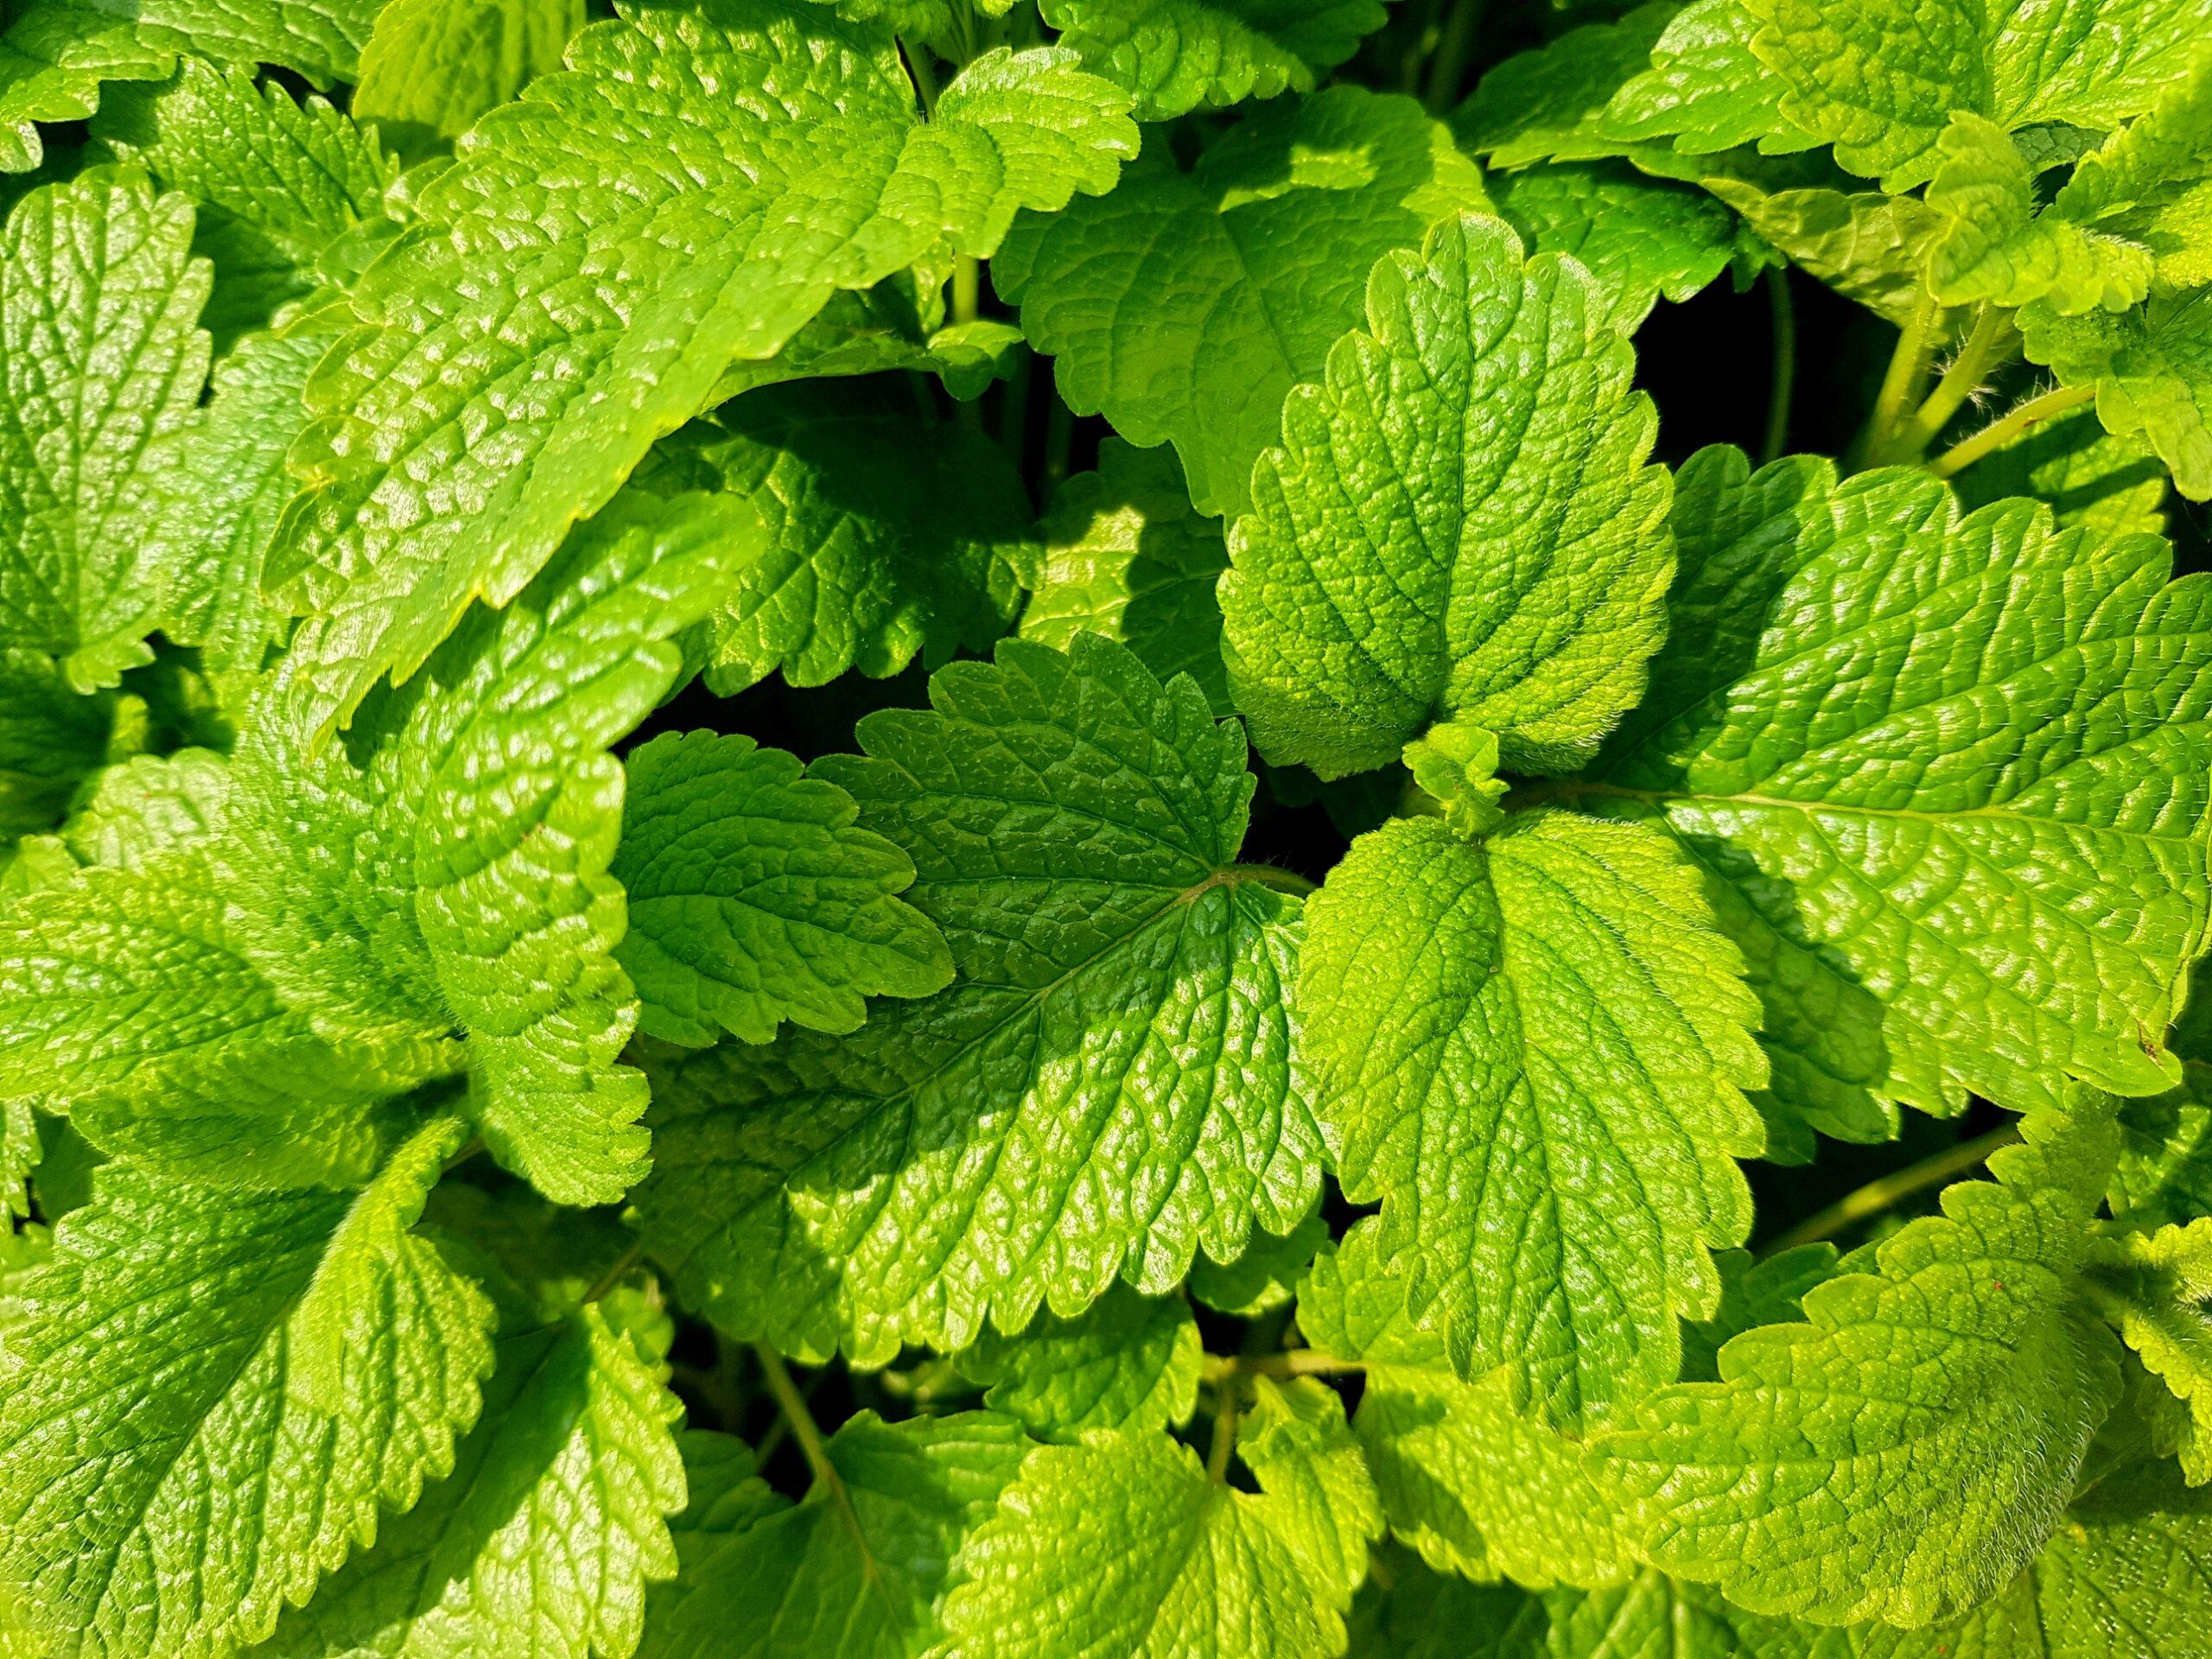 Mint-plants that repel flies